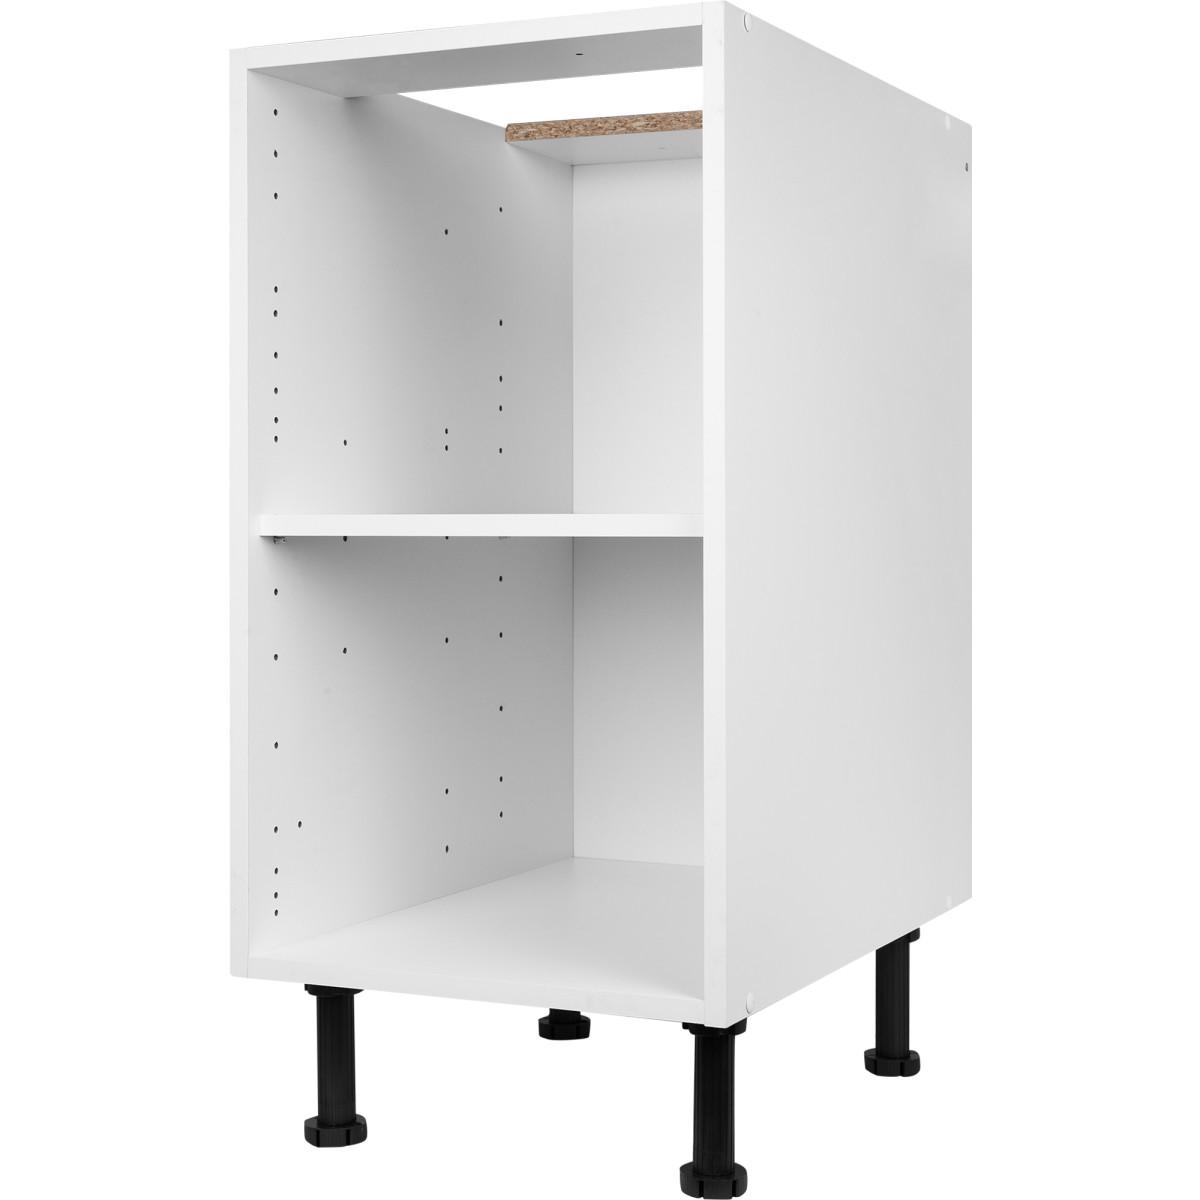 Каркас напольный 40x70x56 см ЛДСП цвет белый